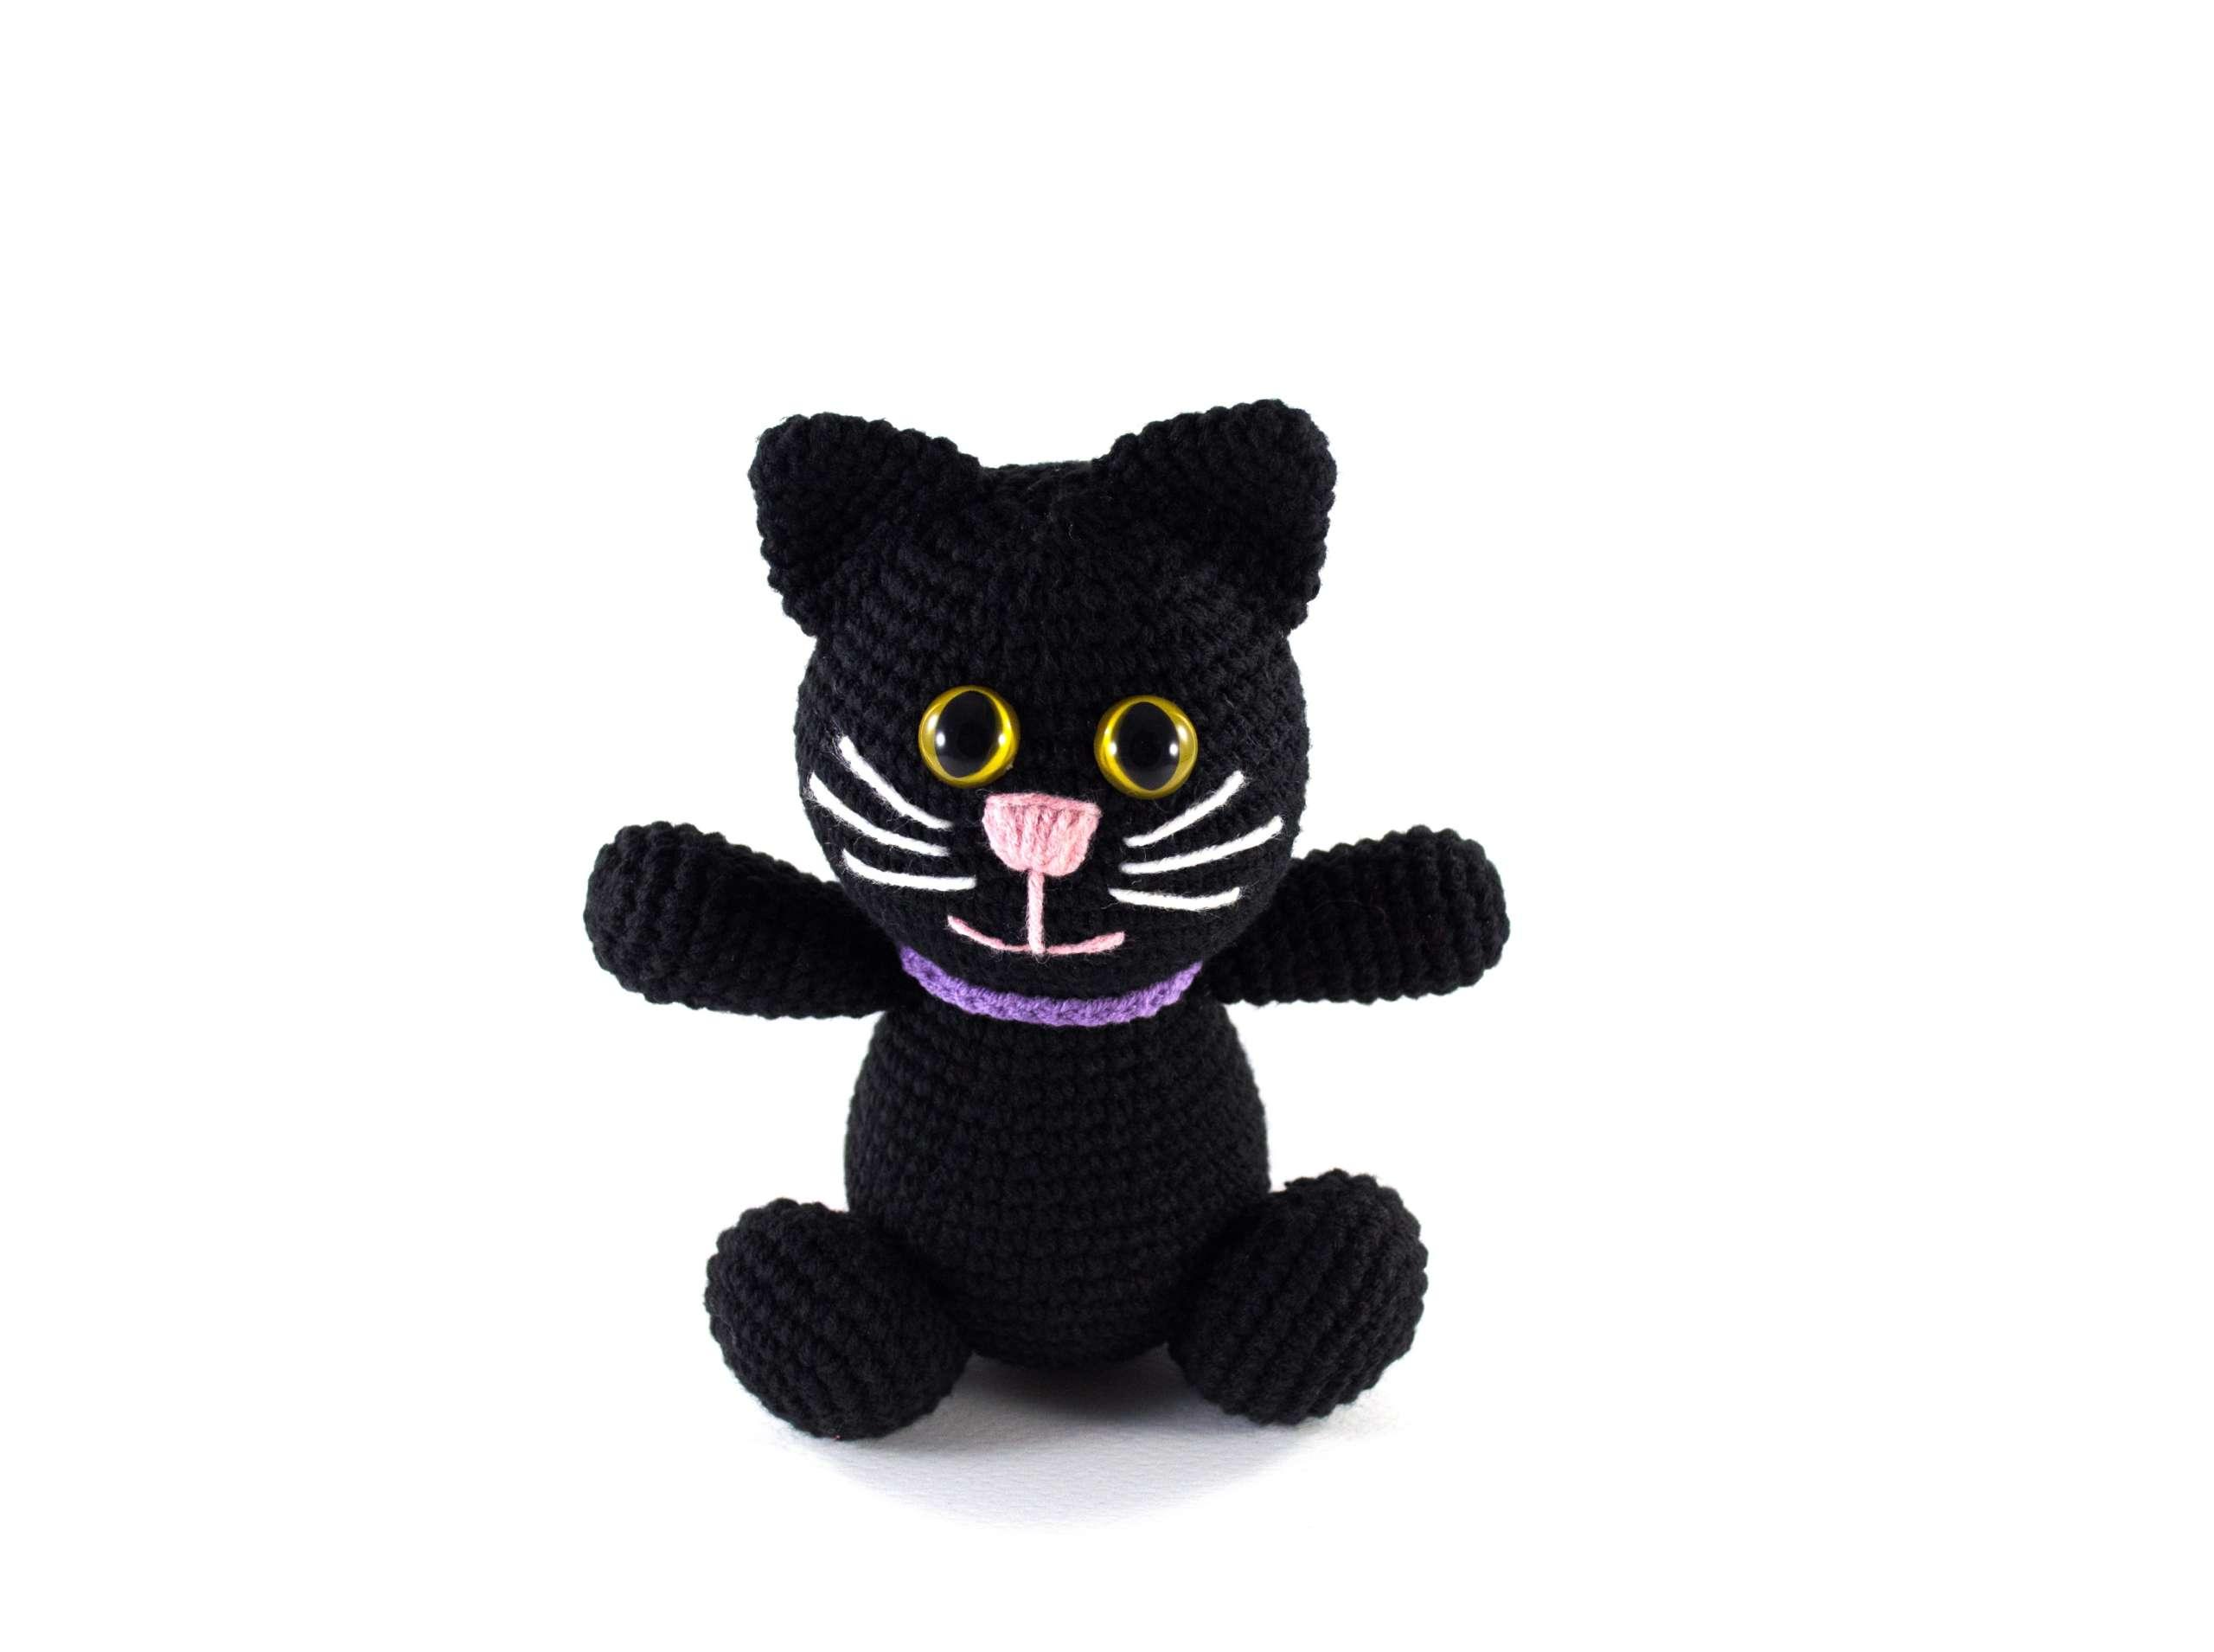 crochet balck cat front view